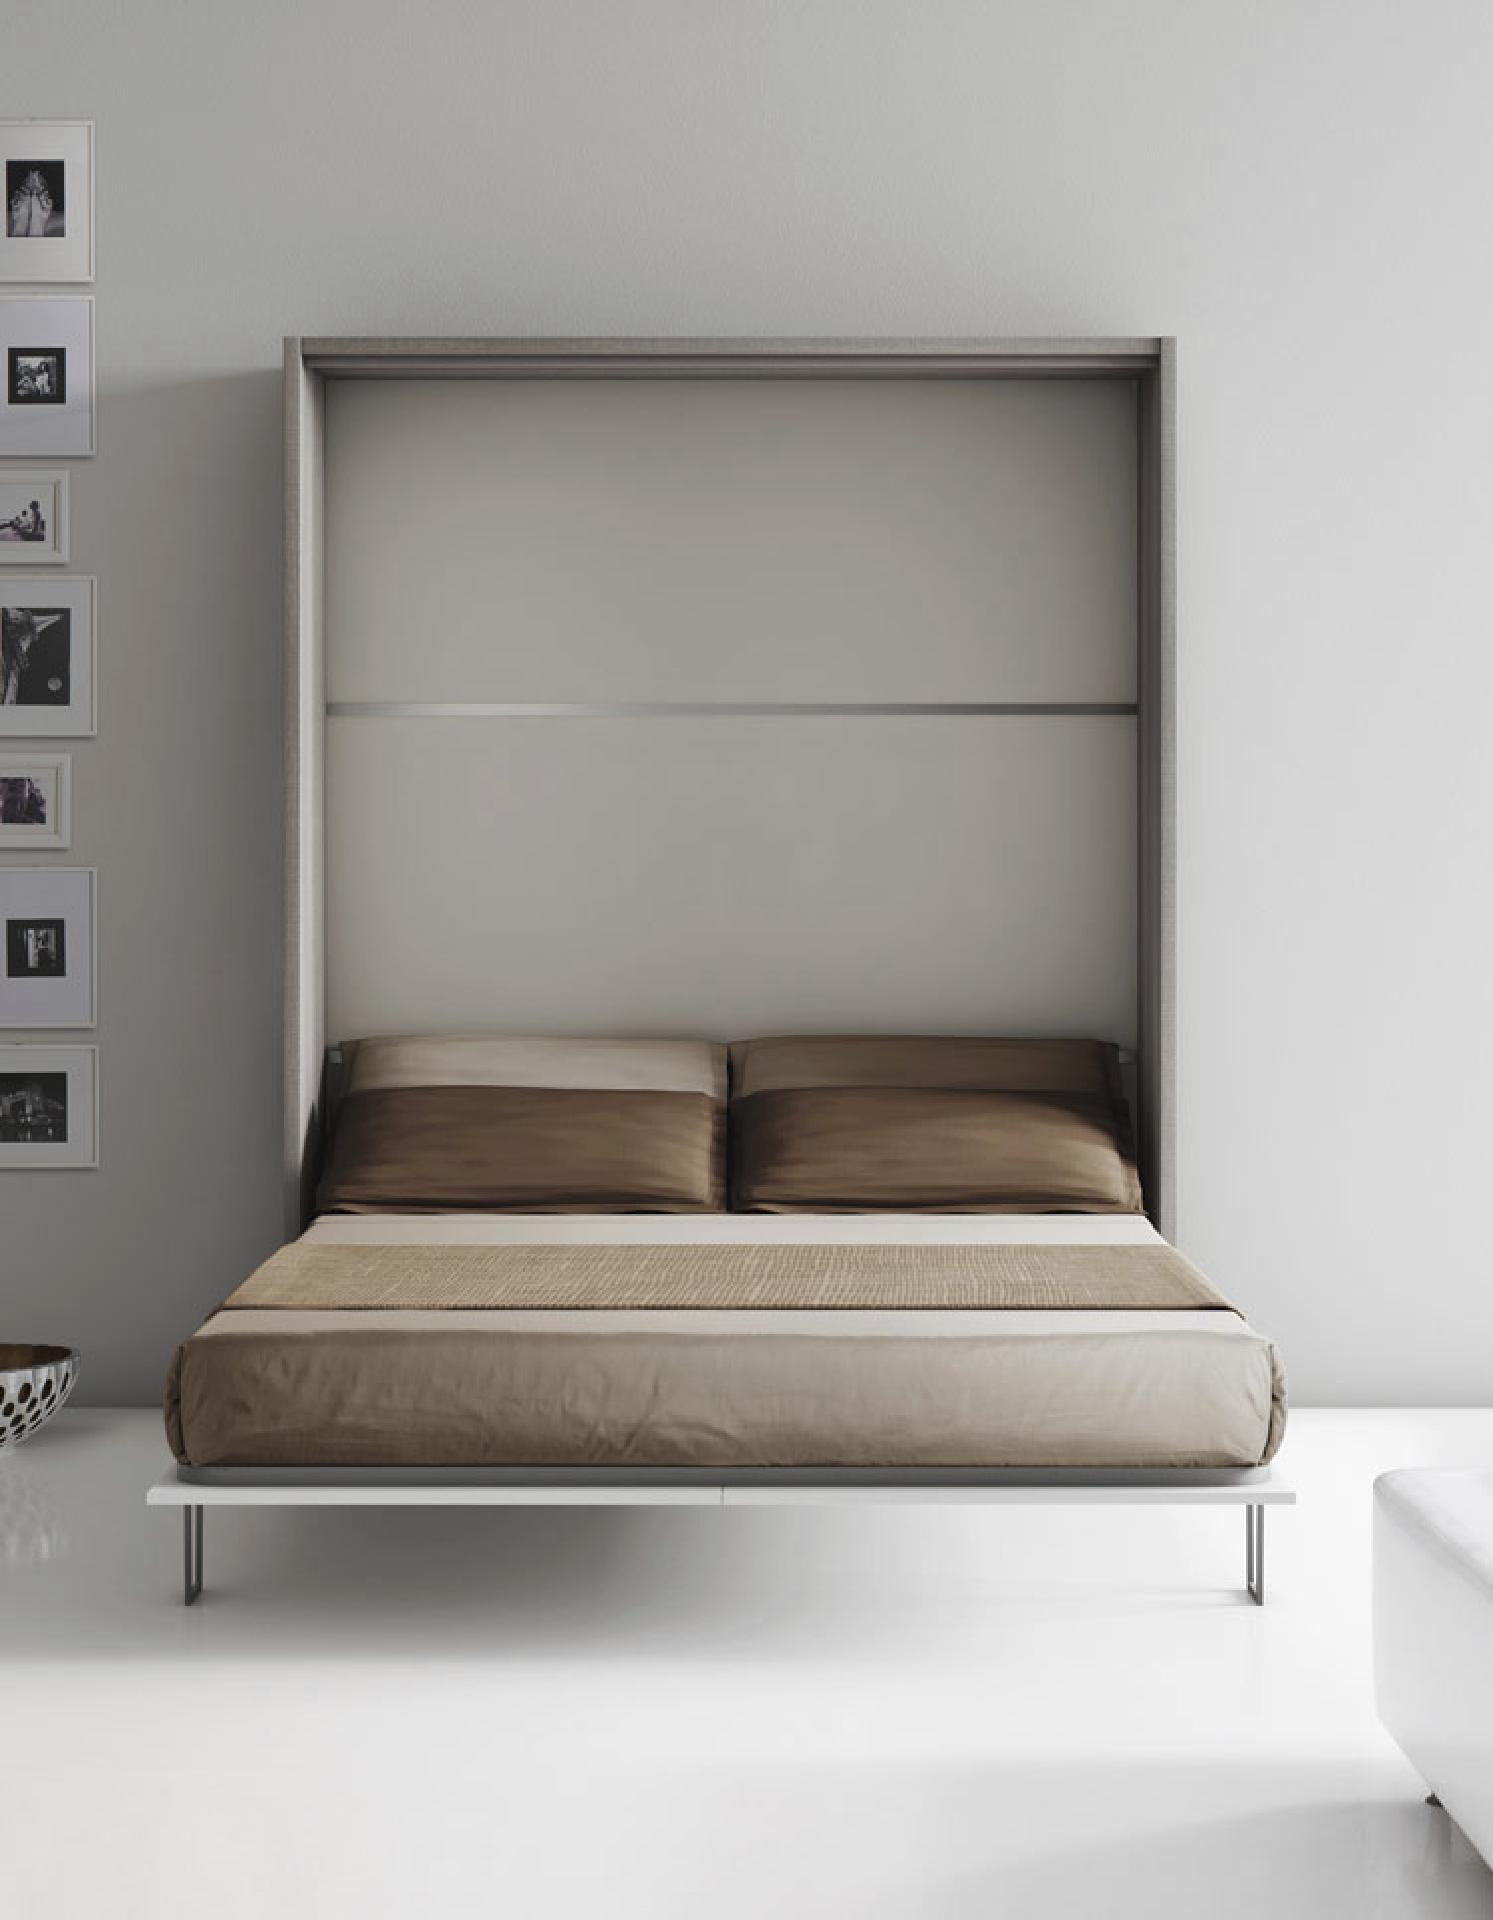 Canap lit studio maison et mobilier d 39 int rieur - Canape lit studio ...